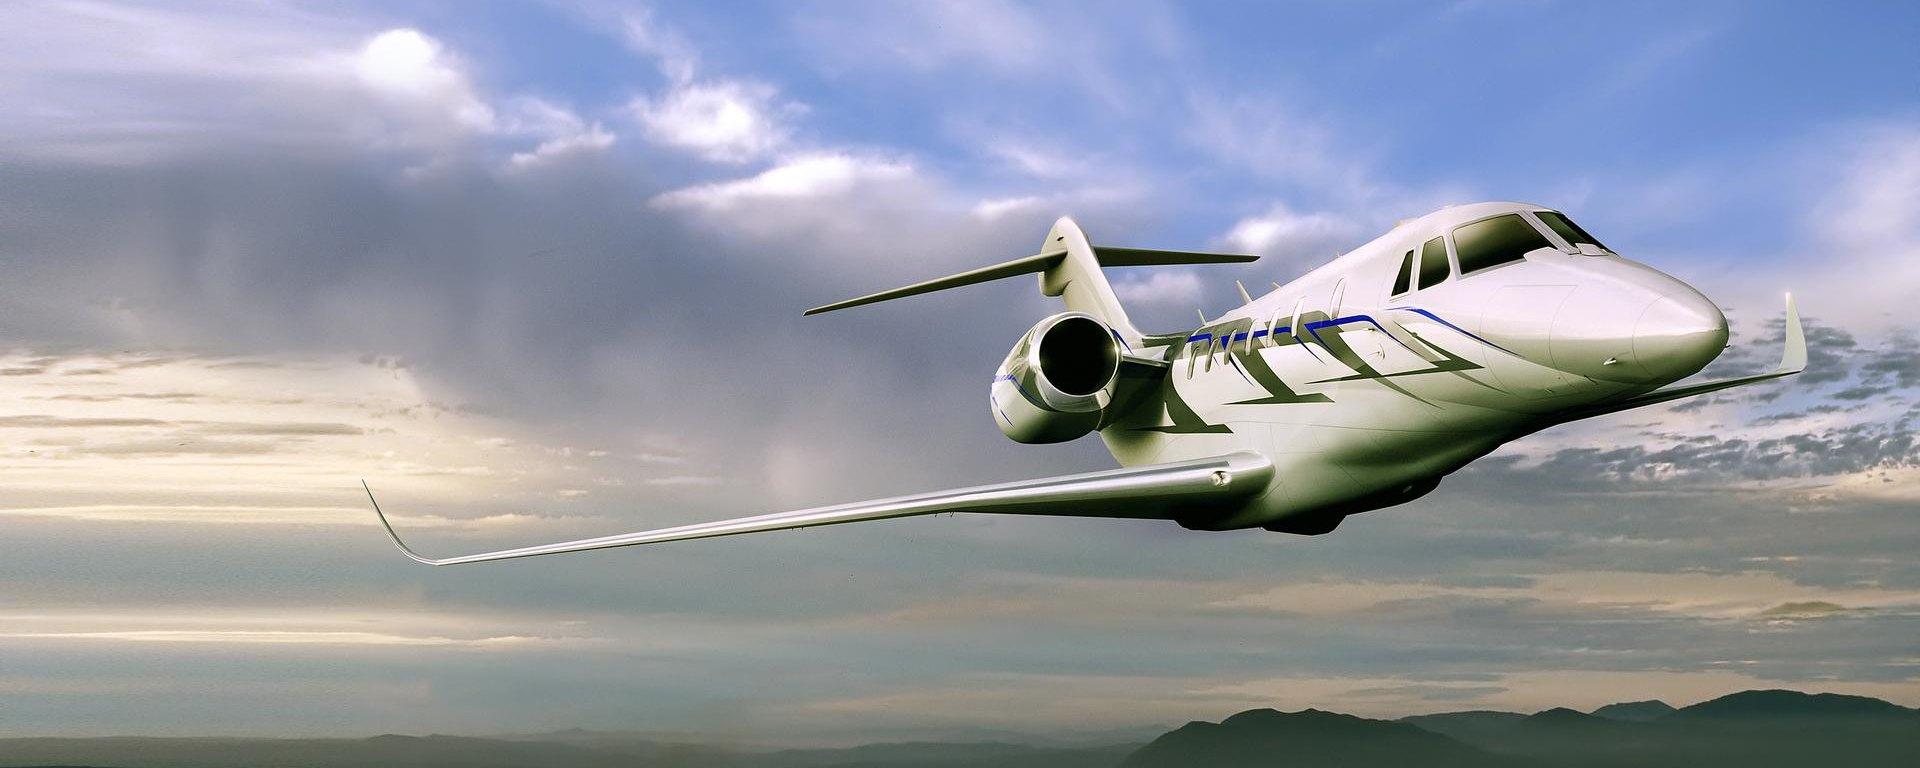 VIP ինքնաթիռի վարձակալություն